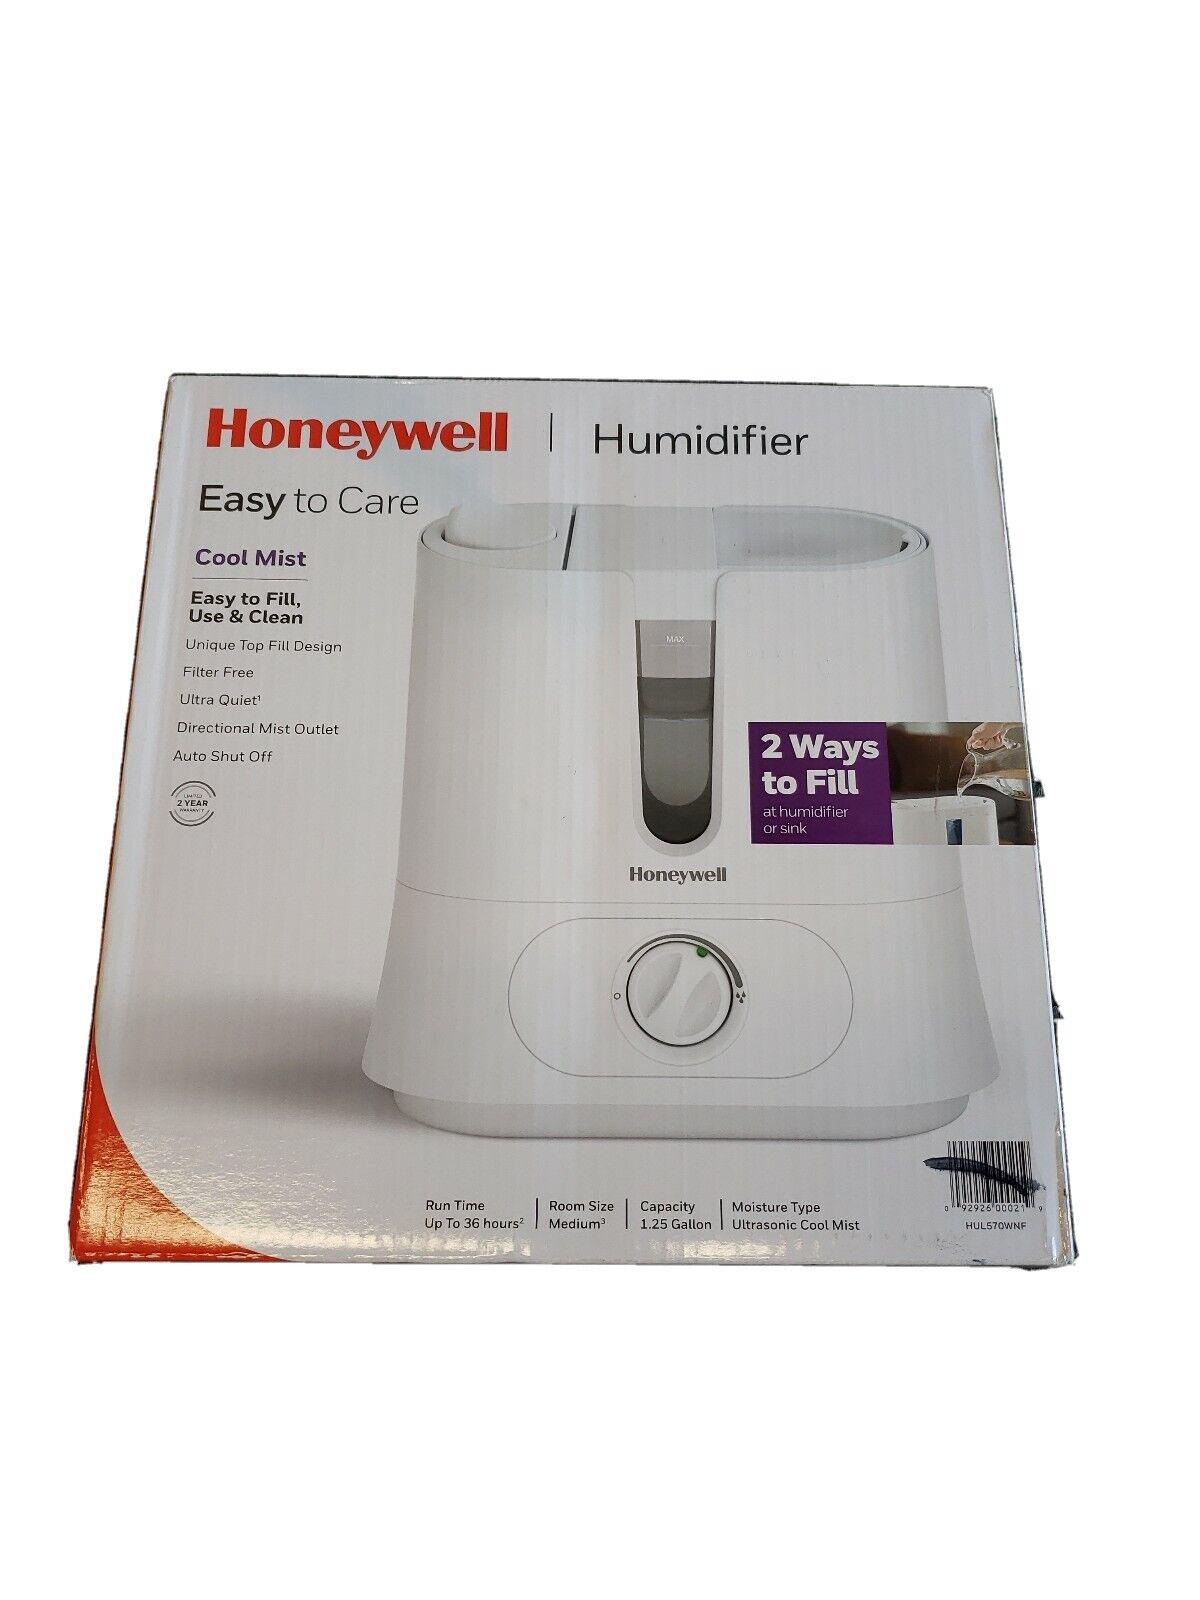 Honeywell Top Fill Cool Mist Humidifier Model HUL570WNF